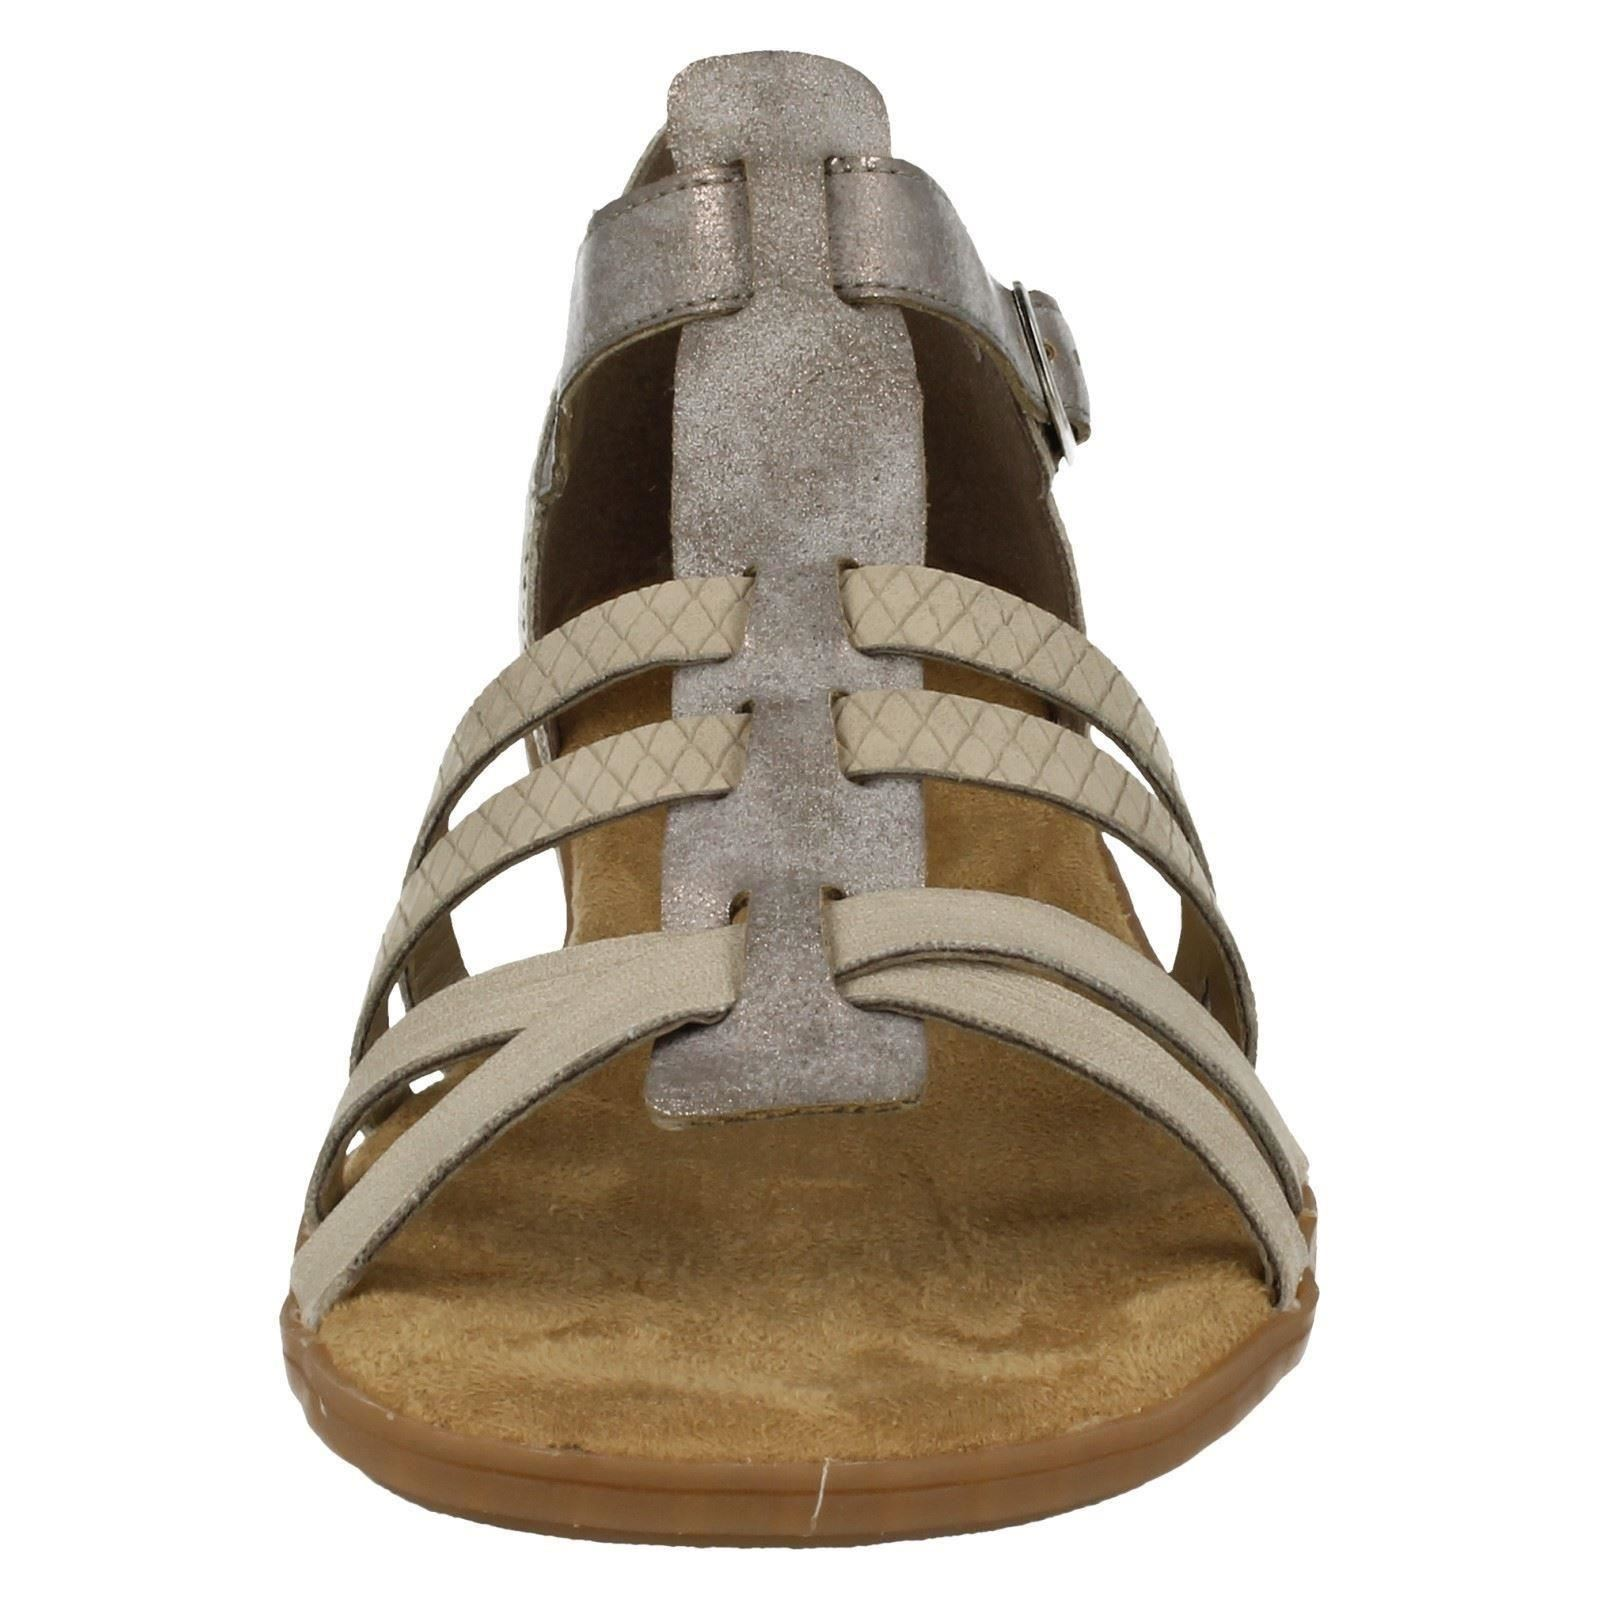 Donna Rieker Sandali e Sabot 60871 Scarpe di bell'aspetto, resistenti e Sandali durevoli 114ba5